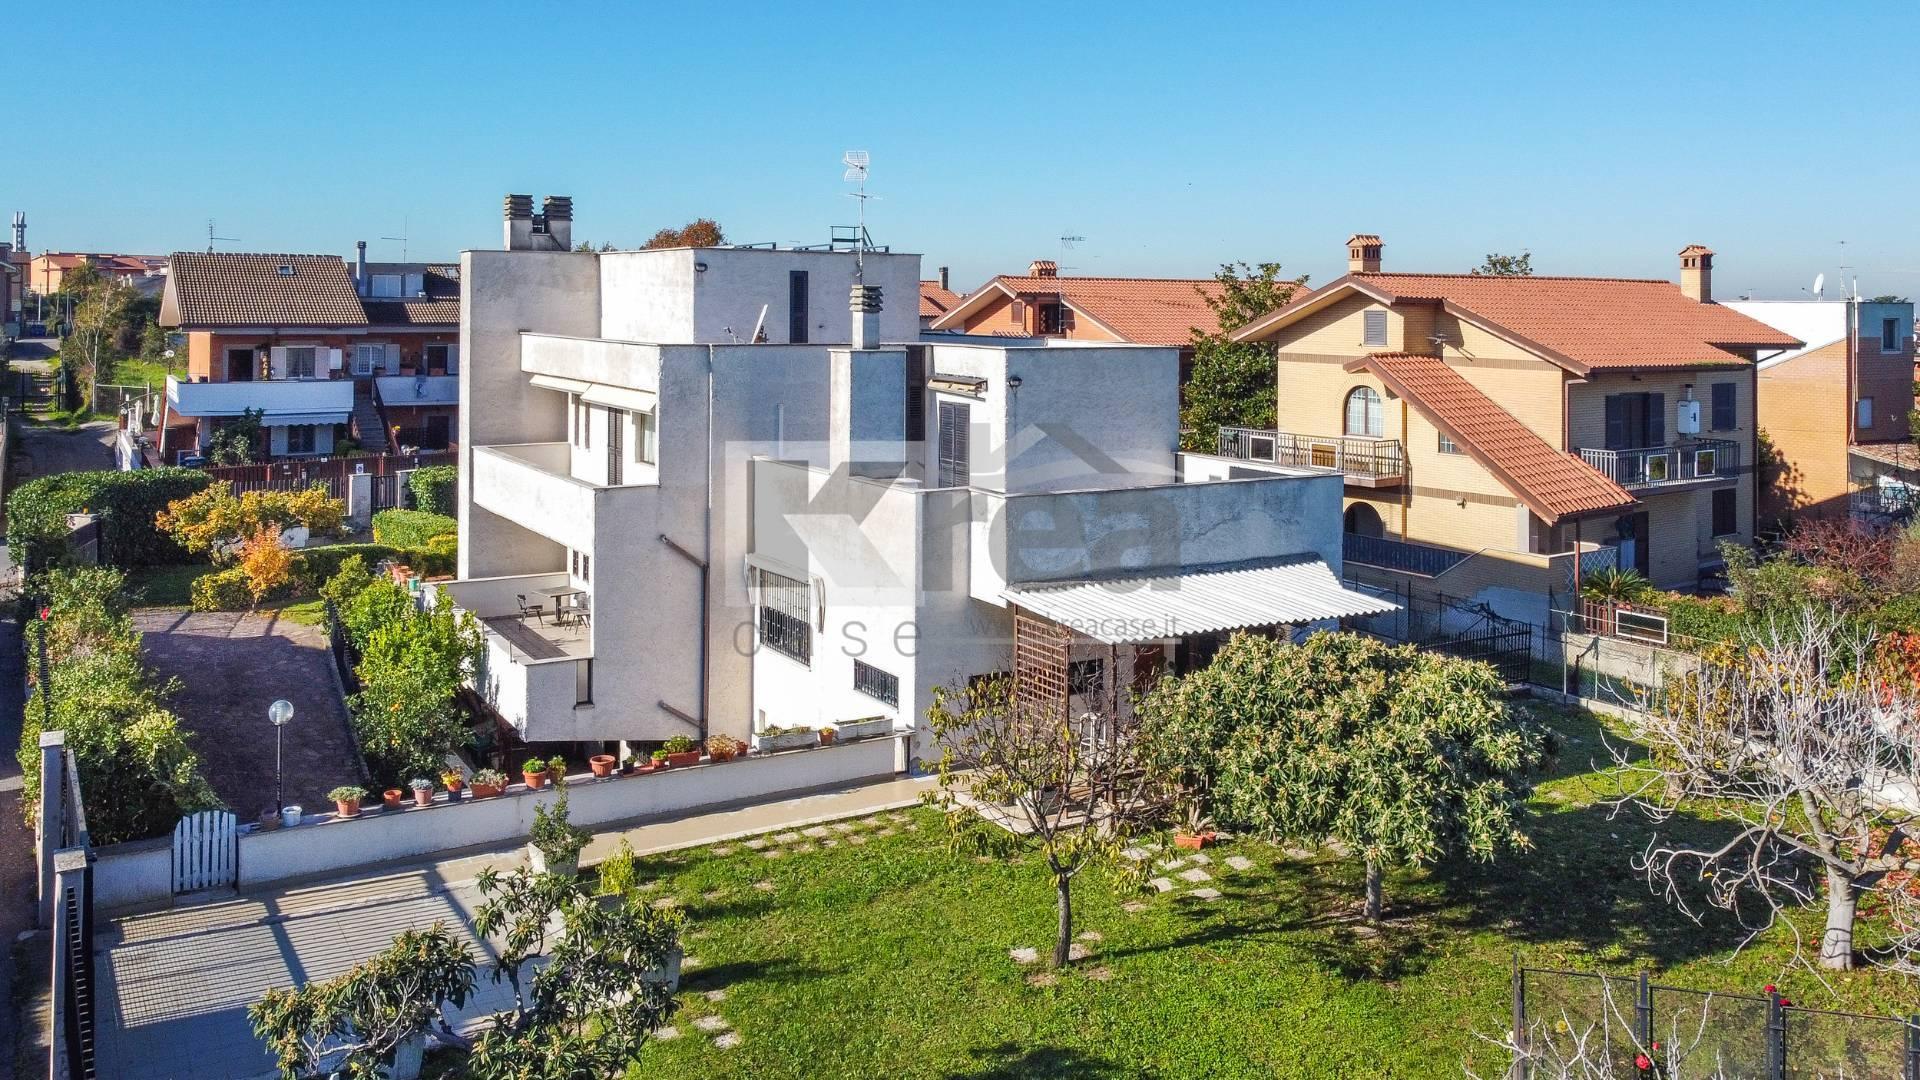 Villa in vendita a Ciampino, 10 locali, zona Località: AcquaAcetosa, prezzo € 660.000 | CambioCasa.it